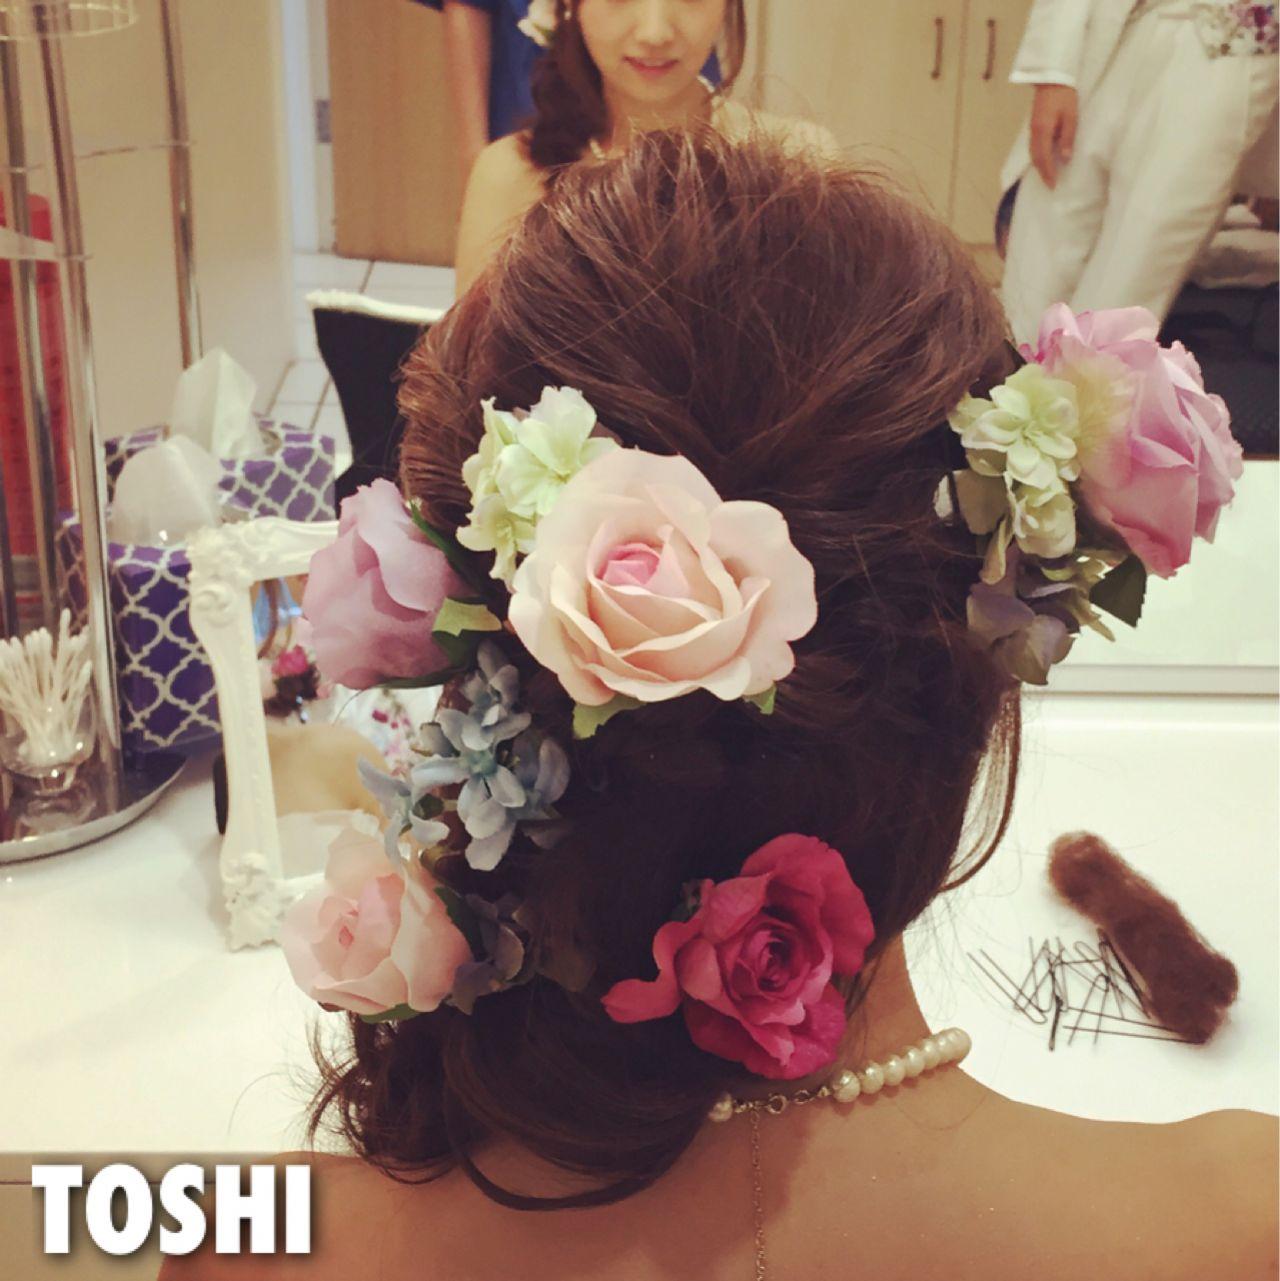 ガーリー 結婚式 フィッシュボーン ロング ヘアスタイルや髪型の写真・画像 | Toshi/Freelance / go today シェアサロン/Hair&Make Cassie/